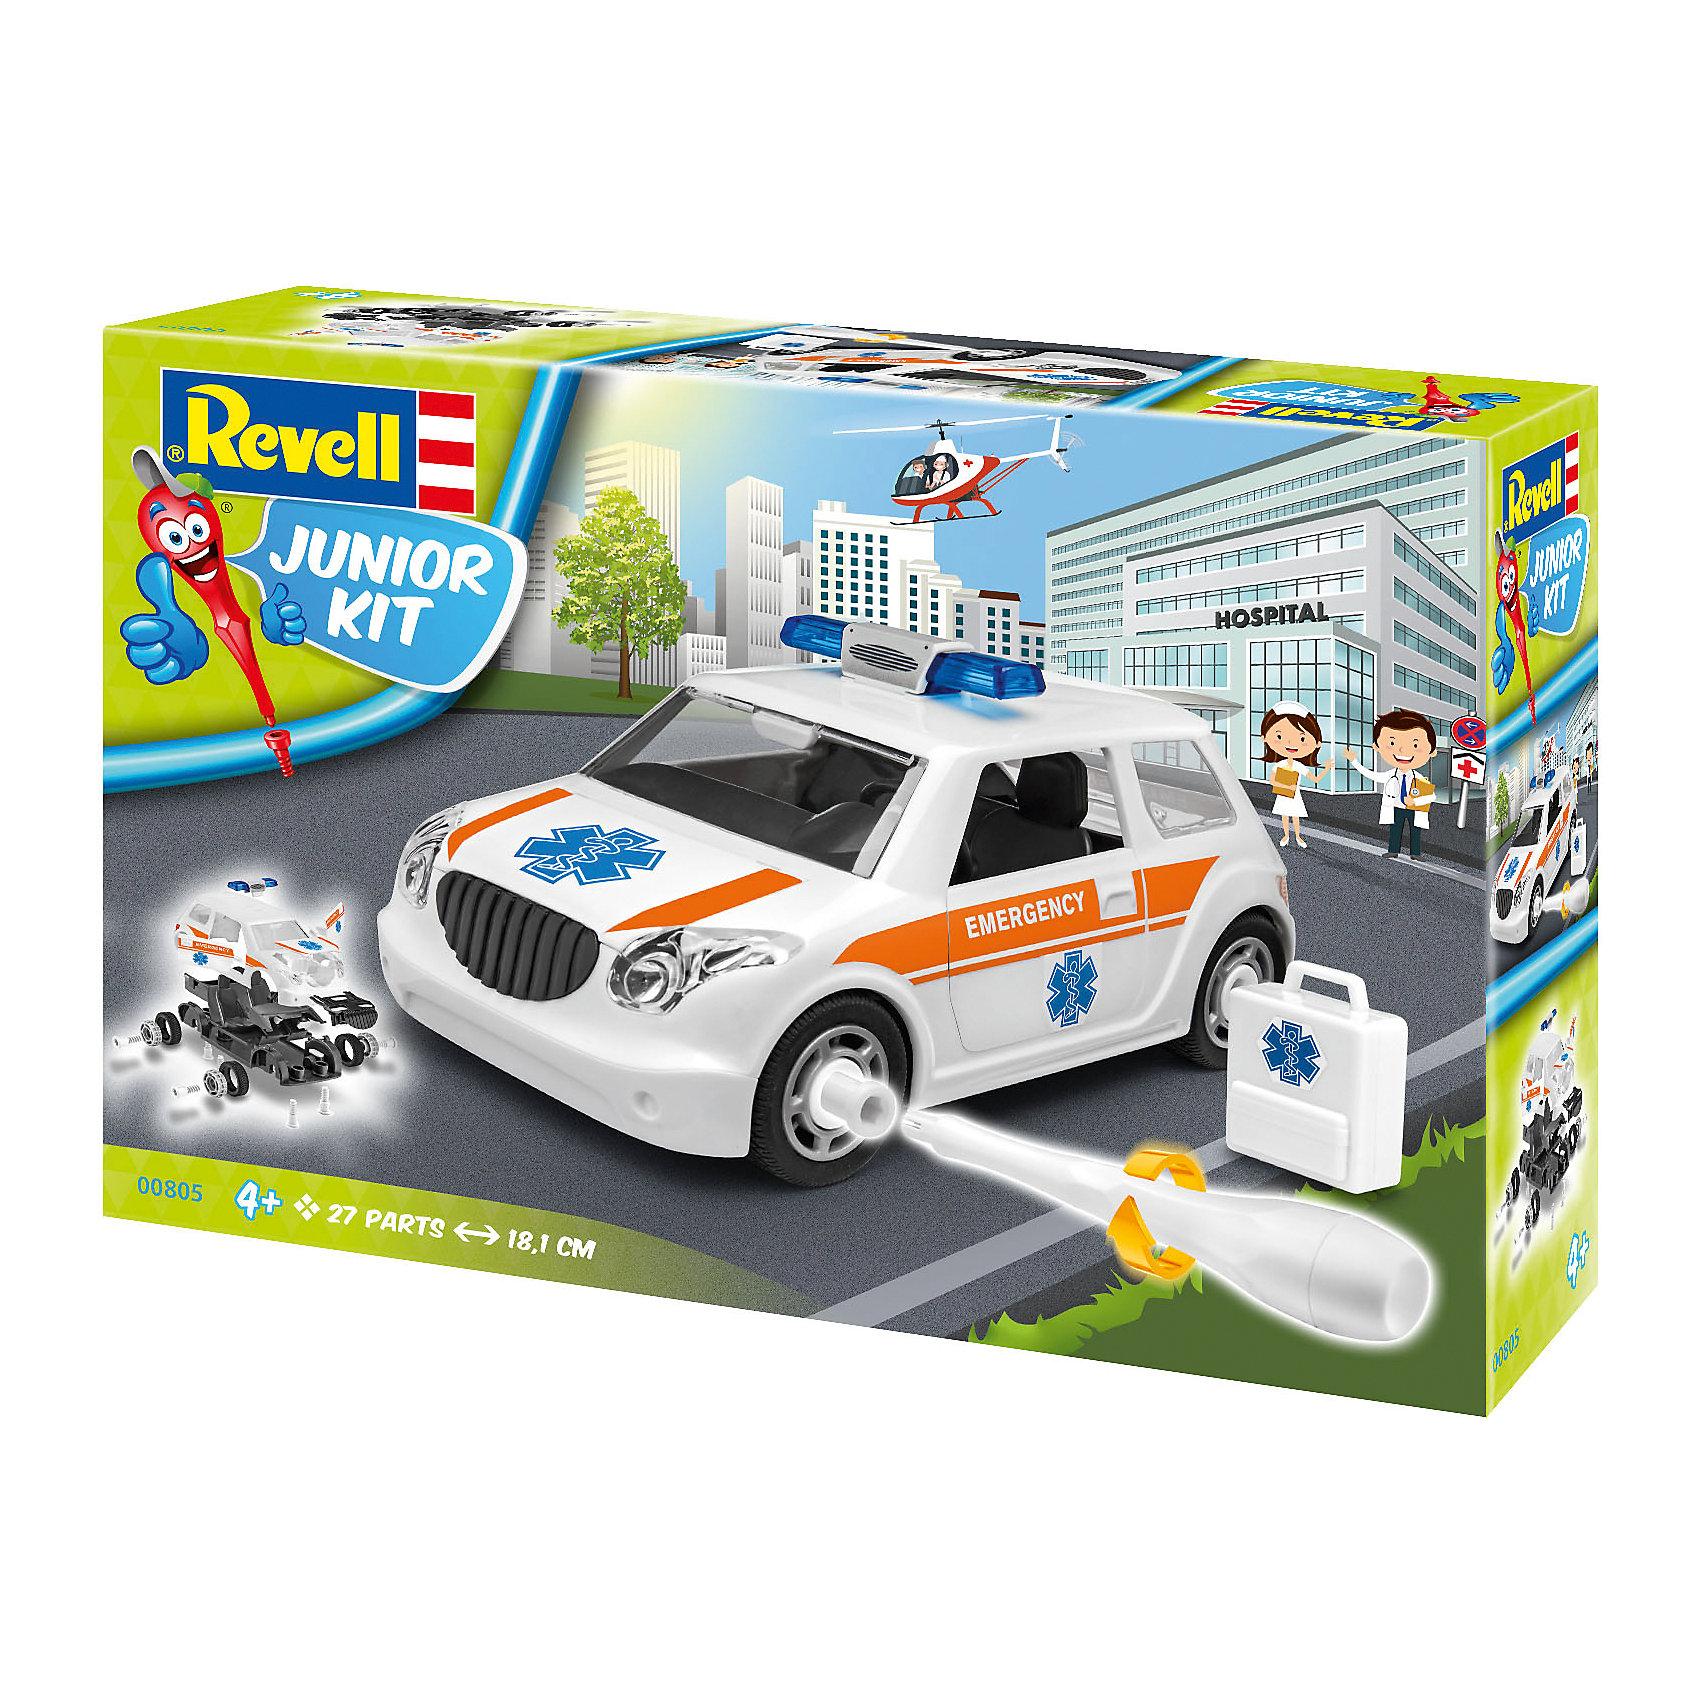 Набор для детей Легковая машина скорой помощиМодели для склеивания<br>Характеристики товара:<br><br>• возраст: от 4 лет;<br>• цвет: белый;<br>• масштаб: 1:20;<br>• количество деталей: 24 шт;<br>• материал: пластик; <br>• клей и краски в комплект не входят;<br>• бренд, страна бренда: Revell (Ревел),Германия;<br>• страна-изготовитель: Польша.<br><br>Набор для детей «Легковая машина скорой помощи» поможет вам и вашему ребенку придумать увлекательное занятие на долгое время, а также получить замечательную игрушку. <br><br>С помощью 24 пластиковых деталей, инструкции и пластиковой отвертки из набора ребенок соберет машину скорой помощи. Модель имеет интересный дизайн и очень хорошо детализирована. Колеса машинки вращаются. Двери и капот открываются. Собранная модель может послужить мальчику интересной игрушкой. Кроме того, ребенок может разобрать автомобиль и попробовать собрать его снова за более короткий промежуток времени.<br><br>Сборка модели поможет развить мелкую моторику рук, познакомит с техническим творчеством и обучит ребенка работе с простейшими инструментами. <br><br>Набор для детей «Легковая машина скорой помощи», 24 дет., Revell (Ревел) можно купить в нашем интернет-магазине.<br><br>Ширина мм: 300<br>Глубина мм: 215<br>Высота мм: 76<br>Вес г: 426<br>Возраст от месяцев: 48<br>Возраст до месяцев: 96<br>Пол: Мужской<br>Возраст: Детский<br>SKU: 5311338